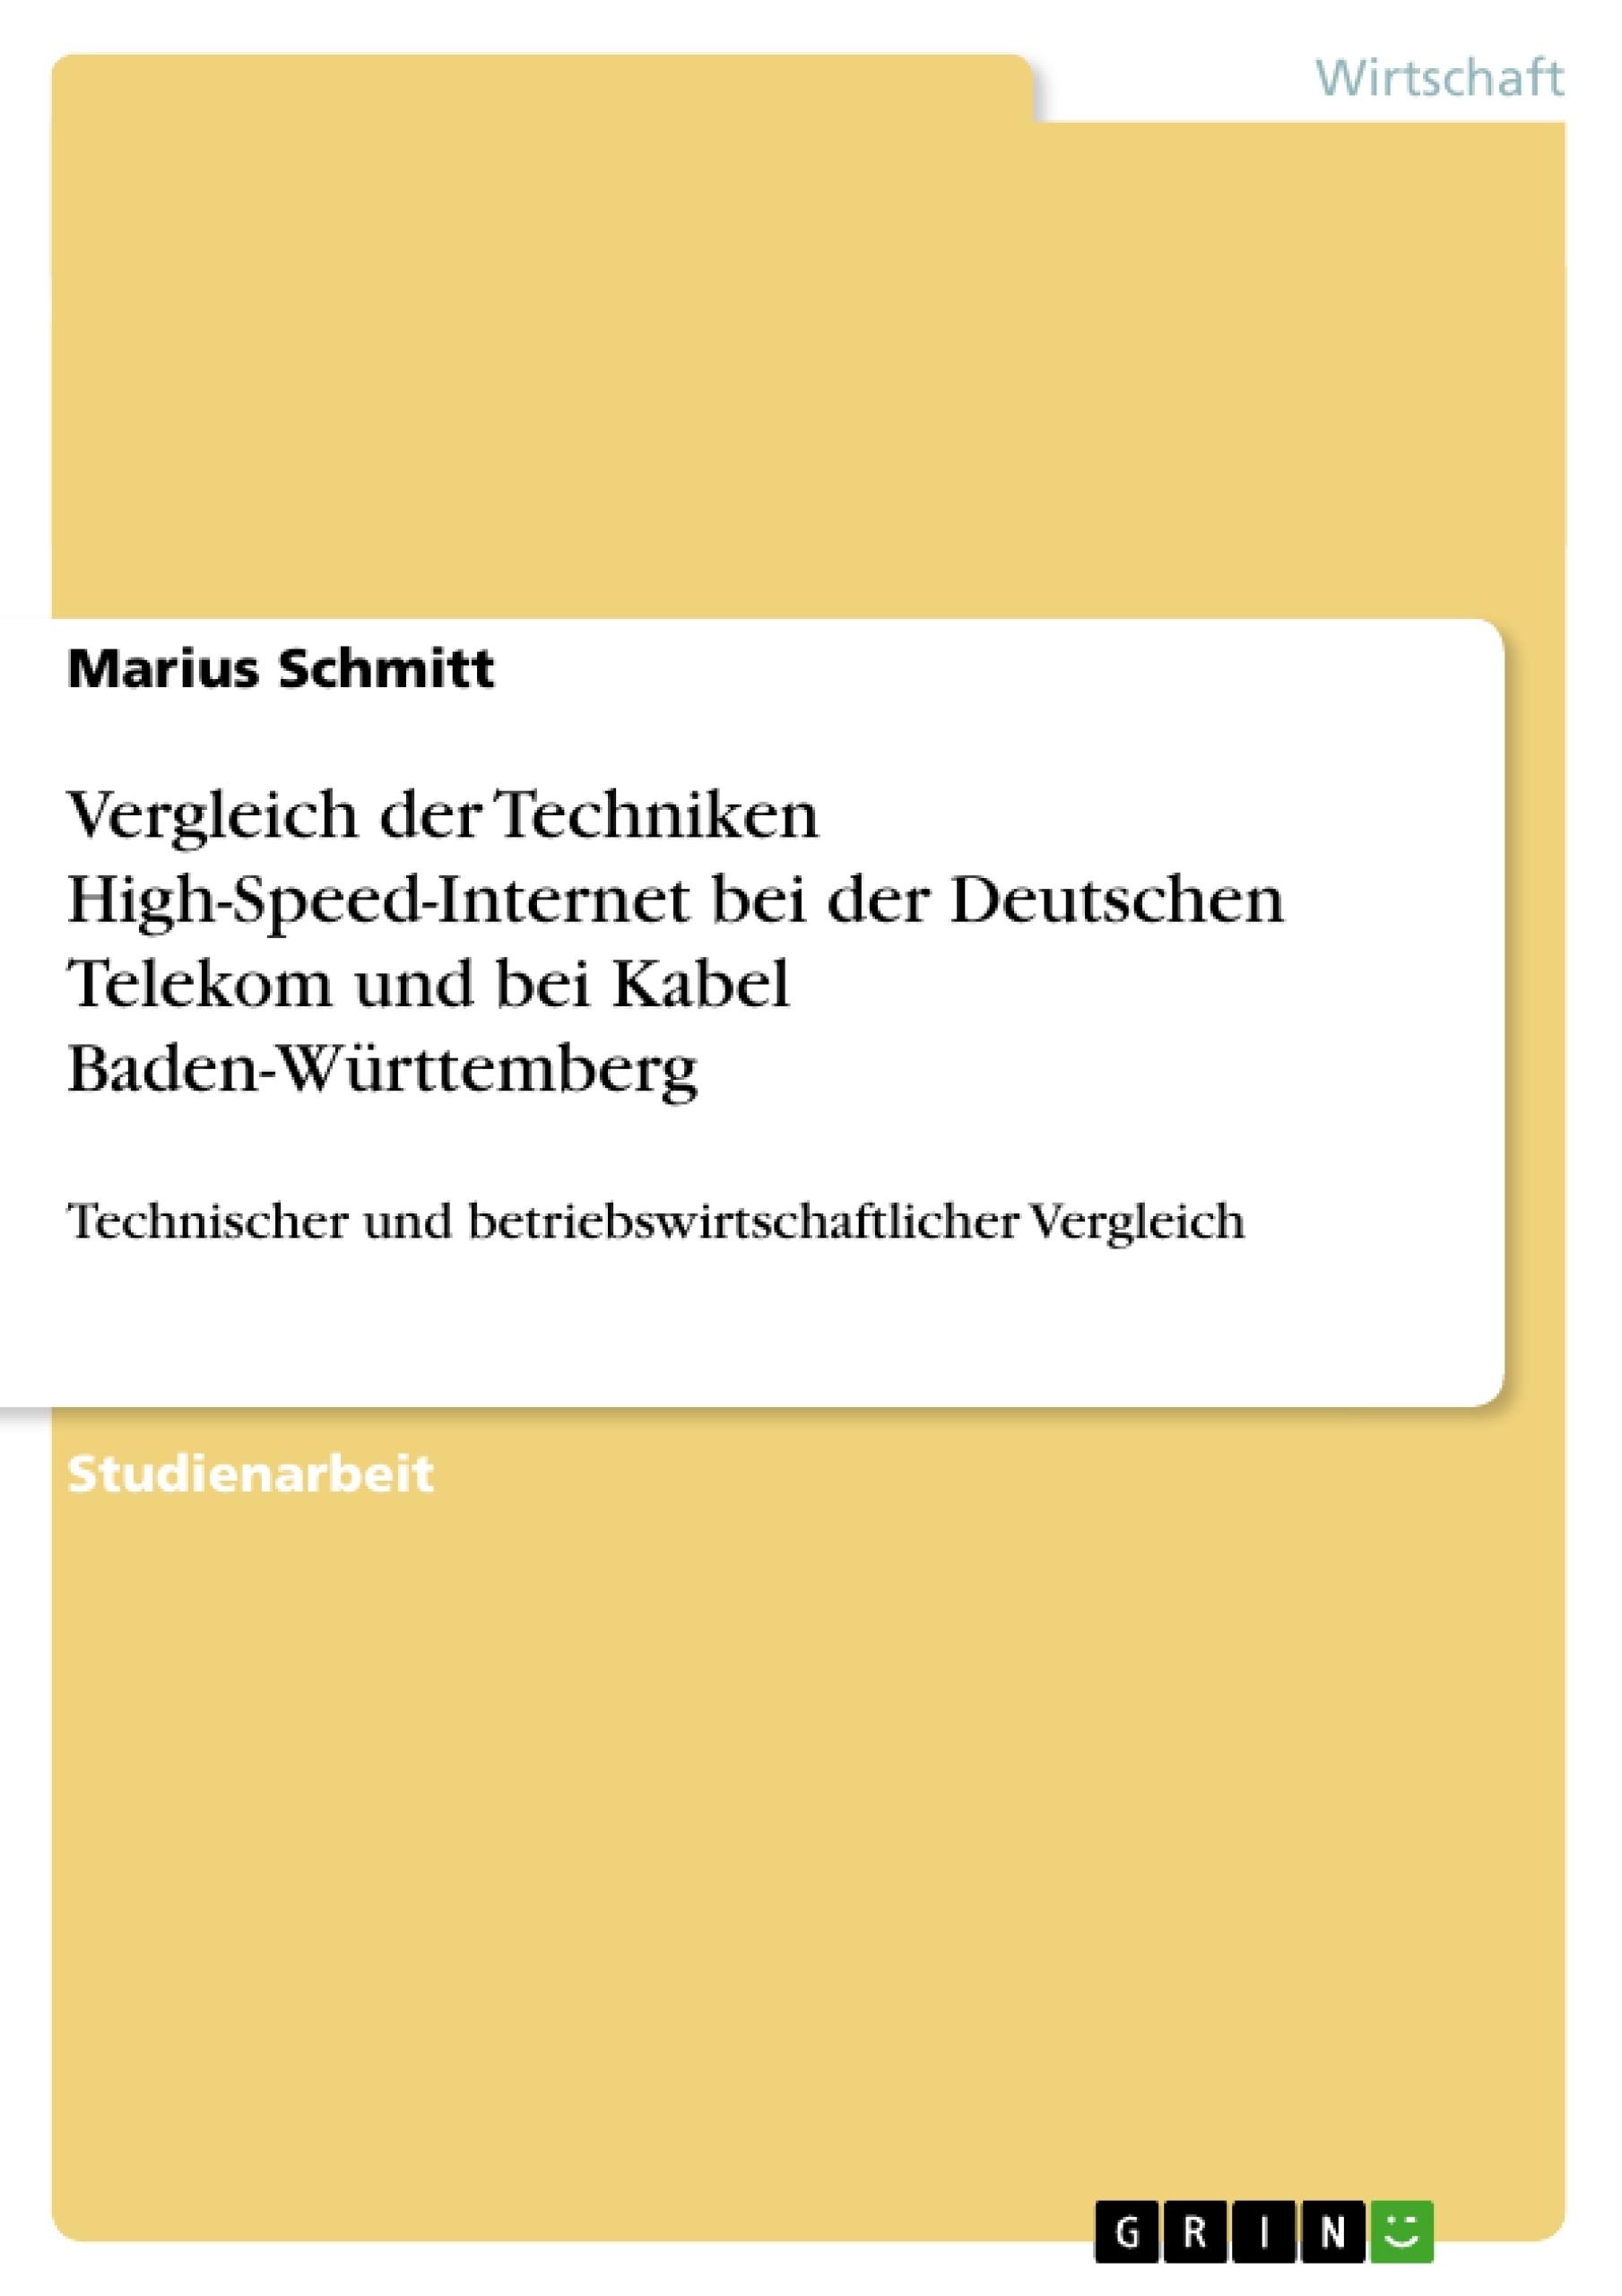 Titel: Vergleich der Techniken High-Speed-Internet bei der Deutschen Telekom und bei Kabel Baden-Württemberg